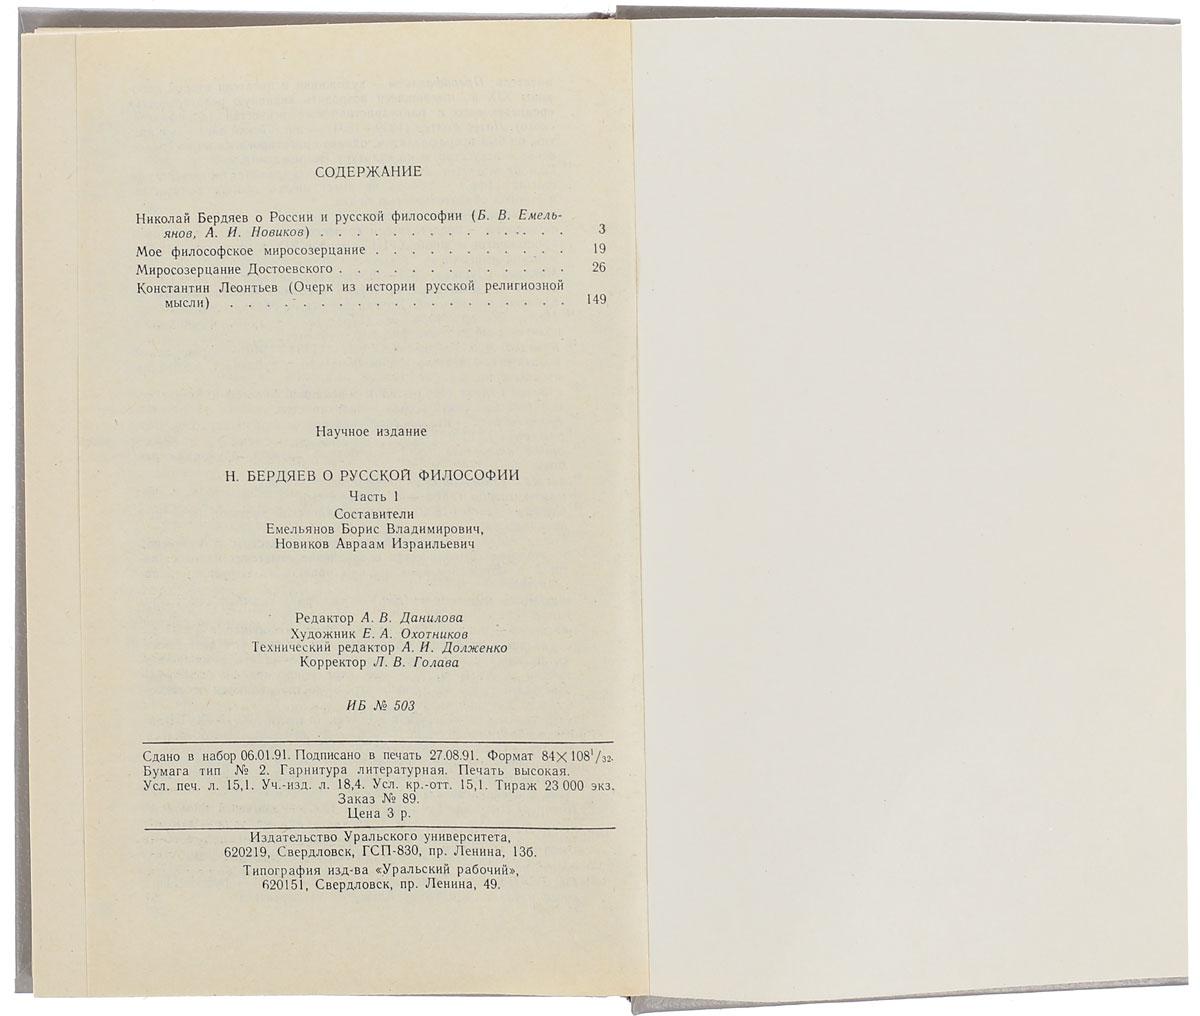 Н. А. Бердяев о русской философии. Часть 2 (комплект из 2 книг)